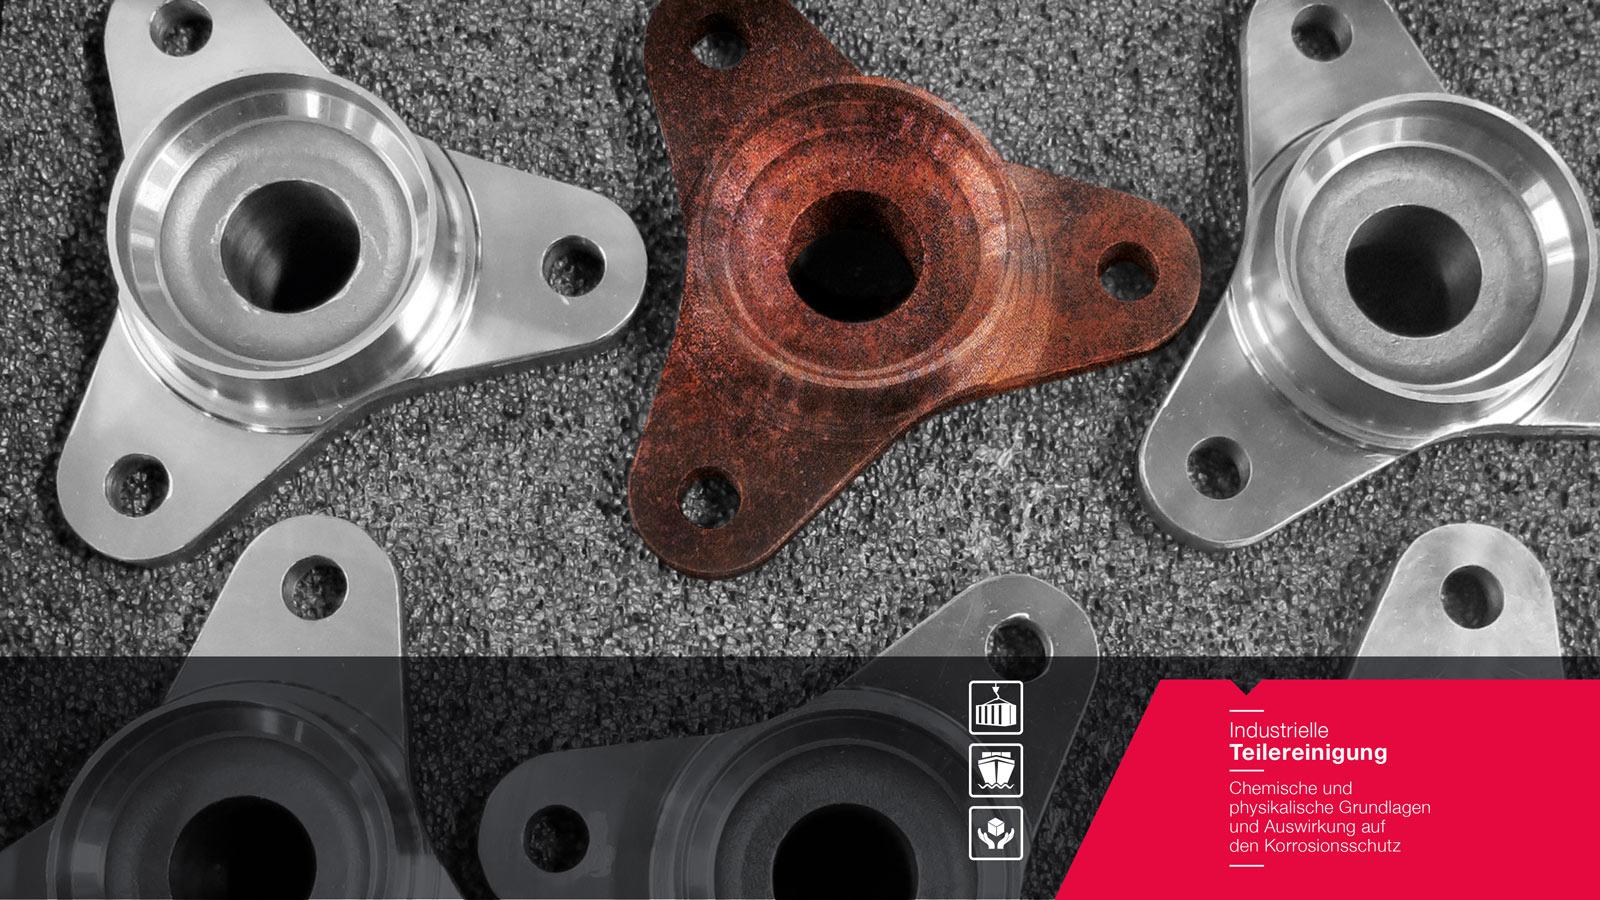 Industrielle Teilereinigung – Chemische und physikalische Grundlagen und Auswirkung auf den Korrosionsschutz